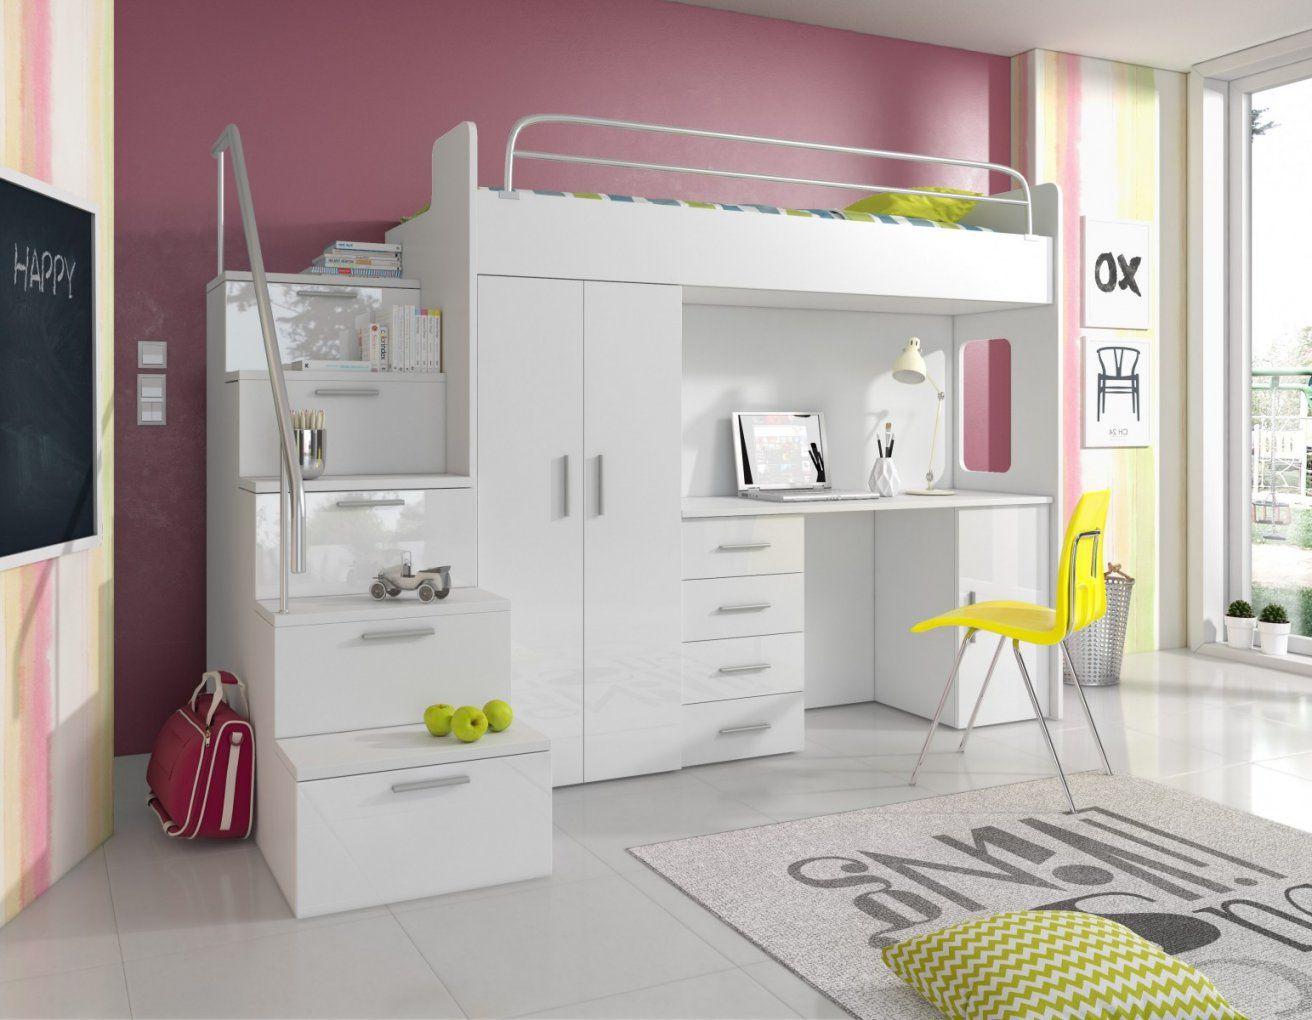 Hochbett Weiß Mit Schreibtisch Einfach Schiebetüren Kleiderschrank von Kleiderschrank Mit Integriertem Schreibtisch Photo